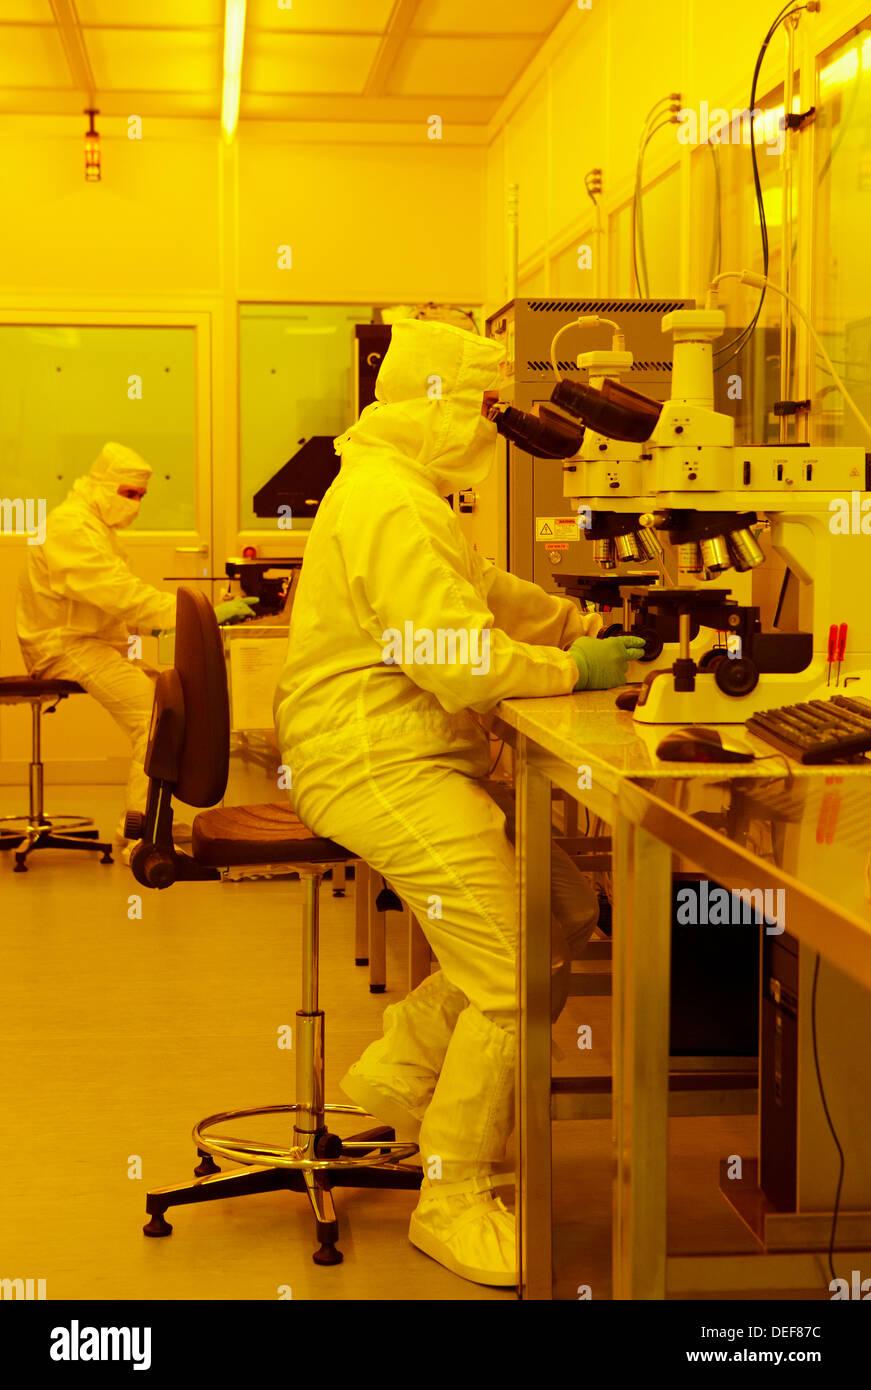 Cheking il processo fotolitografico risultati con un microscopio, camera pulita, CIC nanoGUNE, nanoscienza alla ricerca cooperativa Immagini Stock